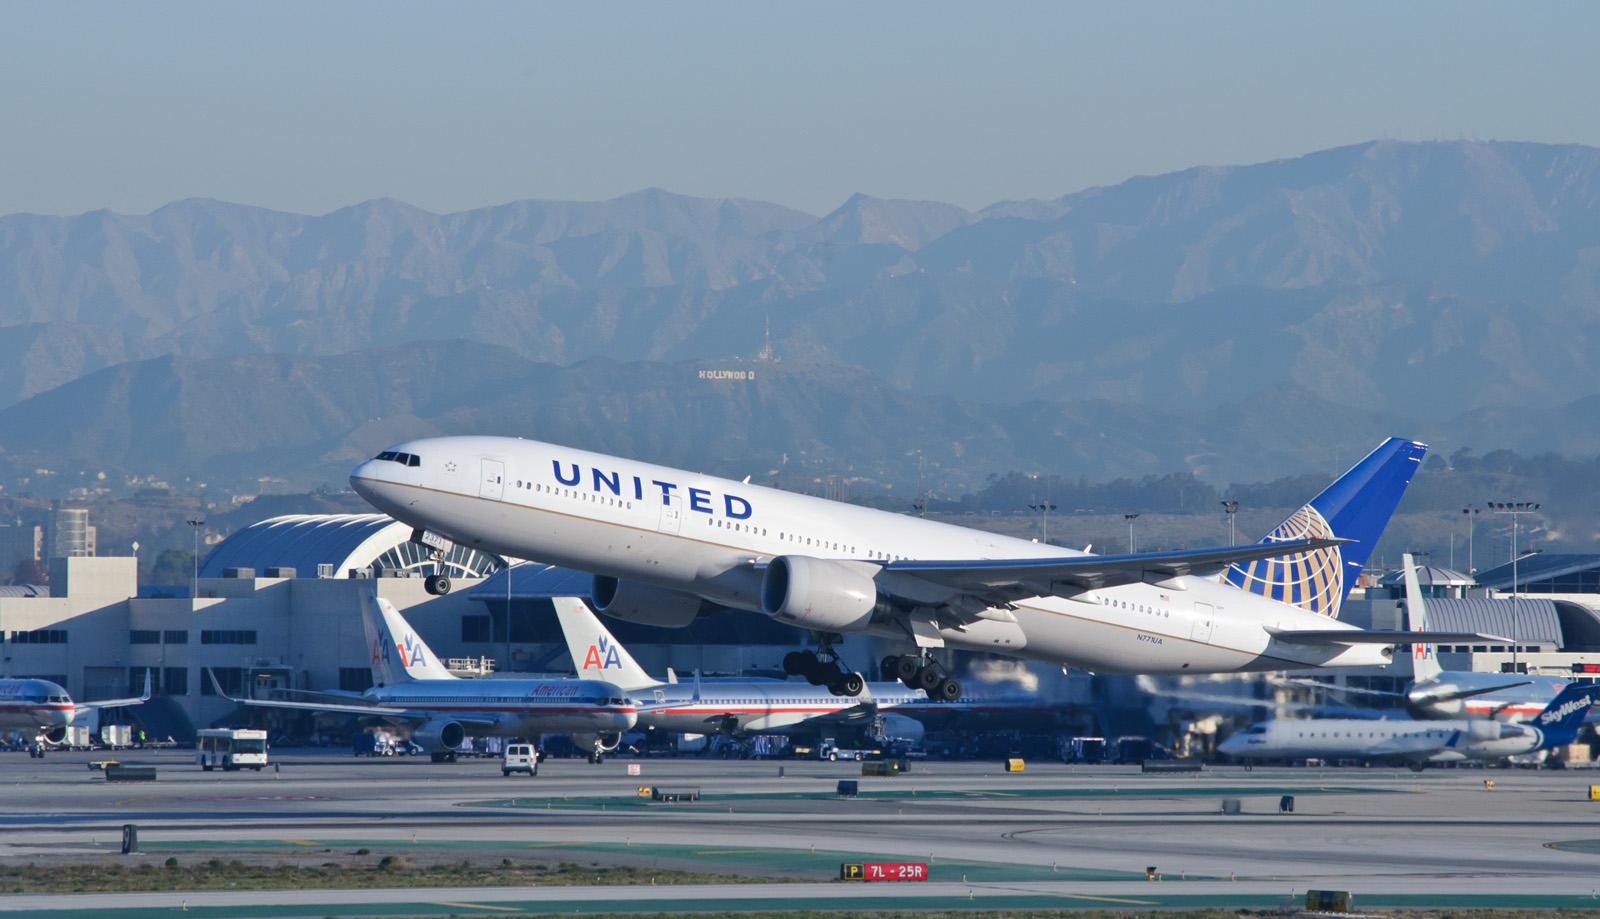 聯合航空公司(UA)因超賣座位強行把華裔醫師拉下飛機恐怕不因膚色或種族有所差別,過去曾有許多強硬對待顧客的行徑。(圖片來源:Wikimed